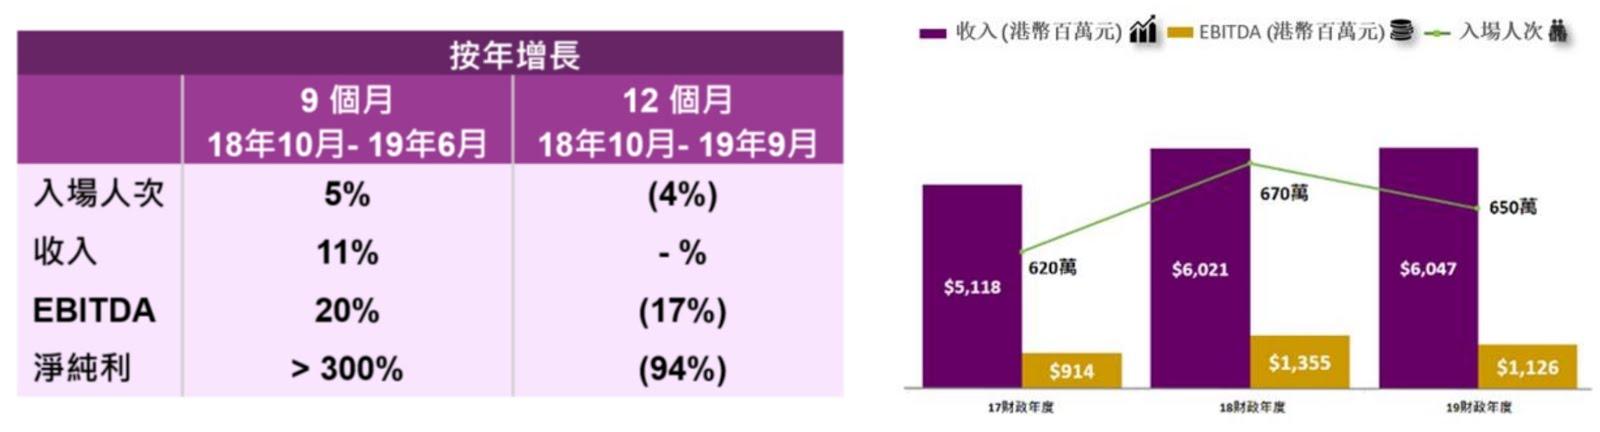 香港迪士尼樂園度假區2019財政年度